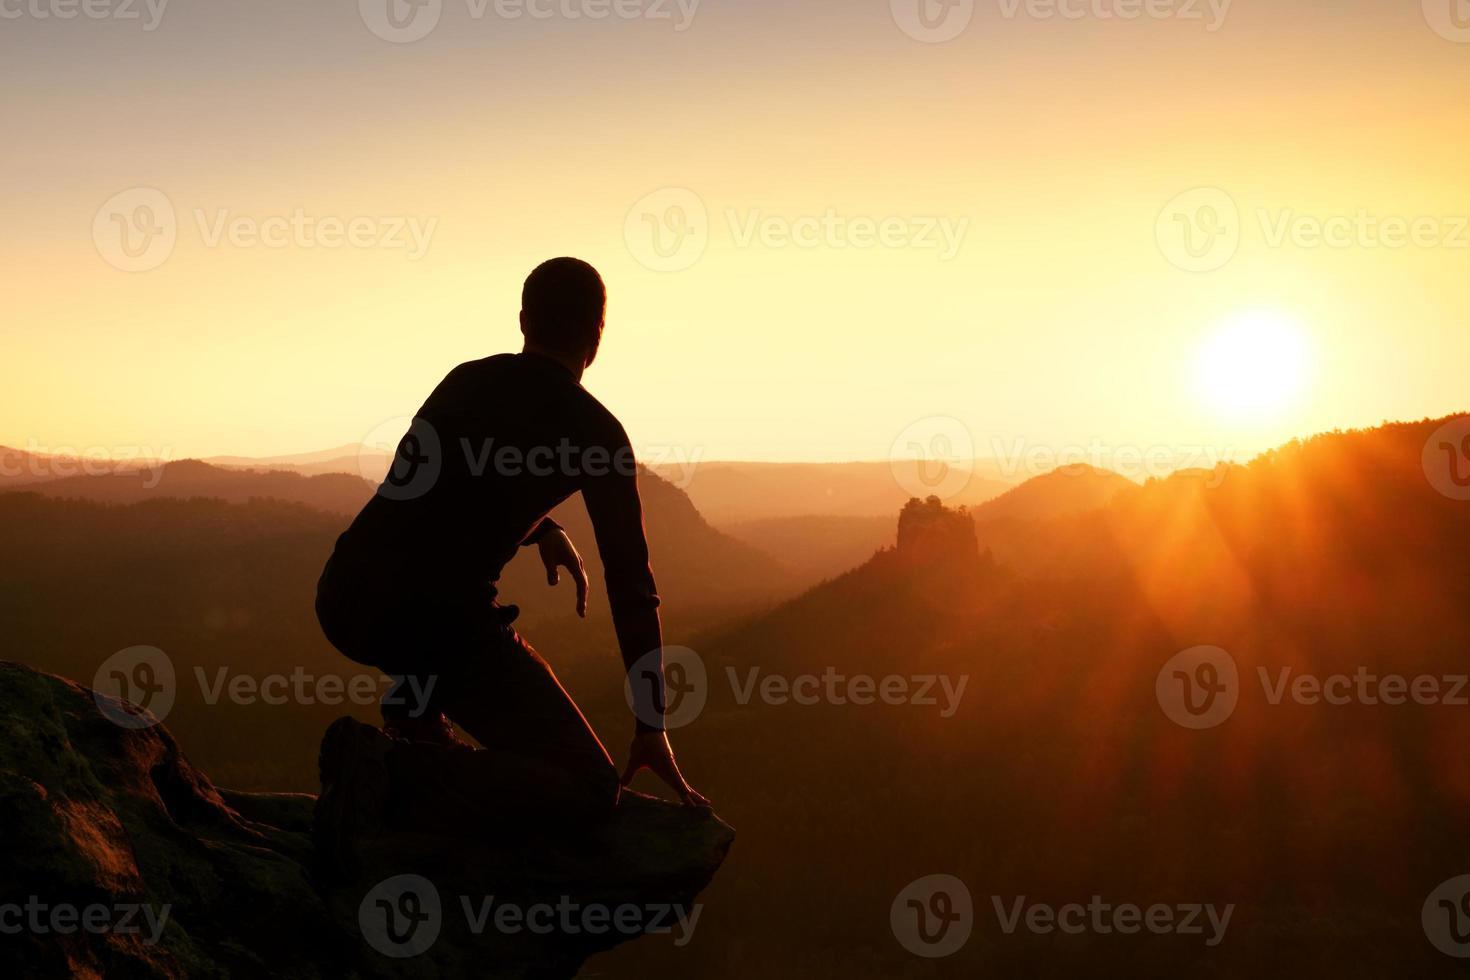 wandelaar nemen ontspannen en genieten van de zonsondergang aan de horizon. levendig effect. foto